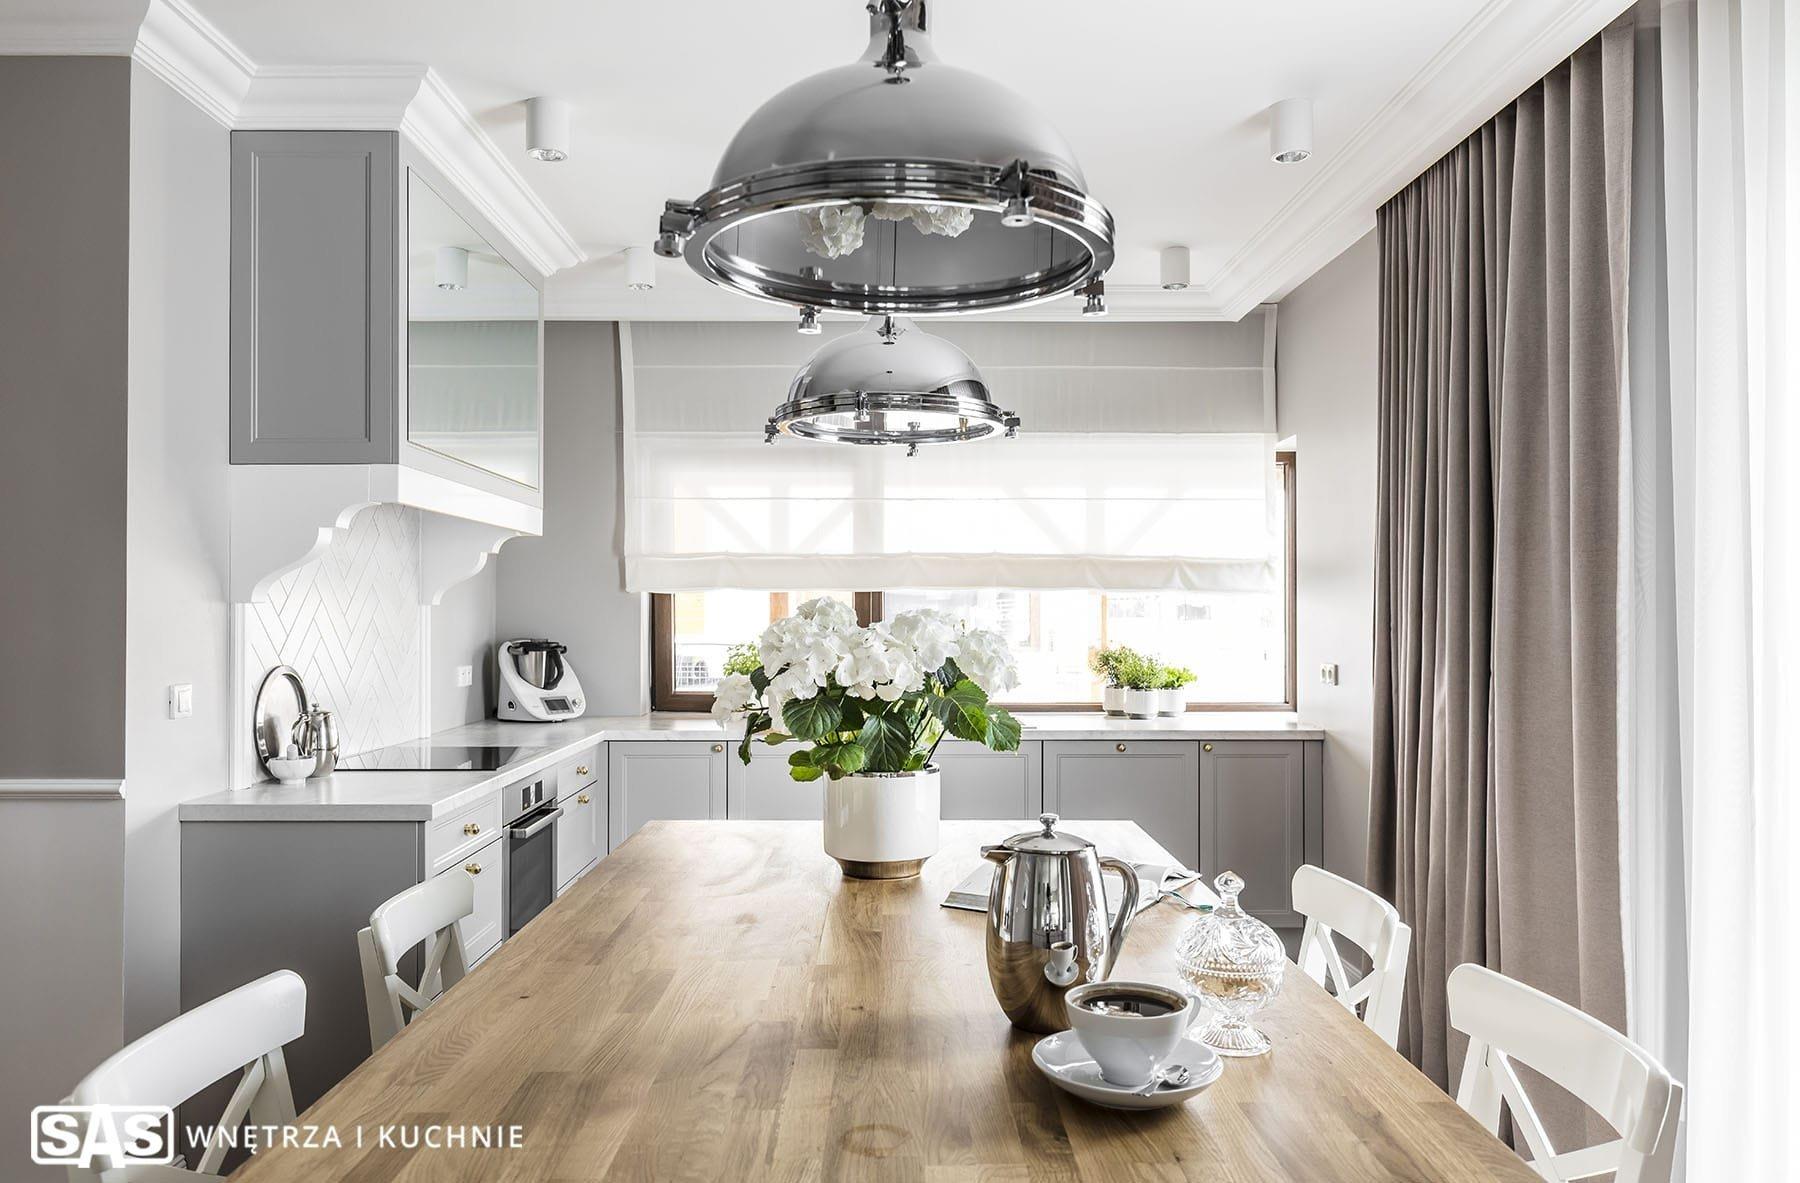 Nový rok se nezadržitelně blíží. Co jej prožít v nové kuchyni? Pokud se vám vaše kuchyně okoukala, připadá vám fádní a nehostinná, inspirujte se naší dnešní návštěvou v elegantní šedé kuchyni. Uvidíte, že šedá vůbec neznamená nudná – ba právě naopak!